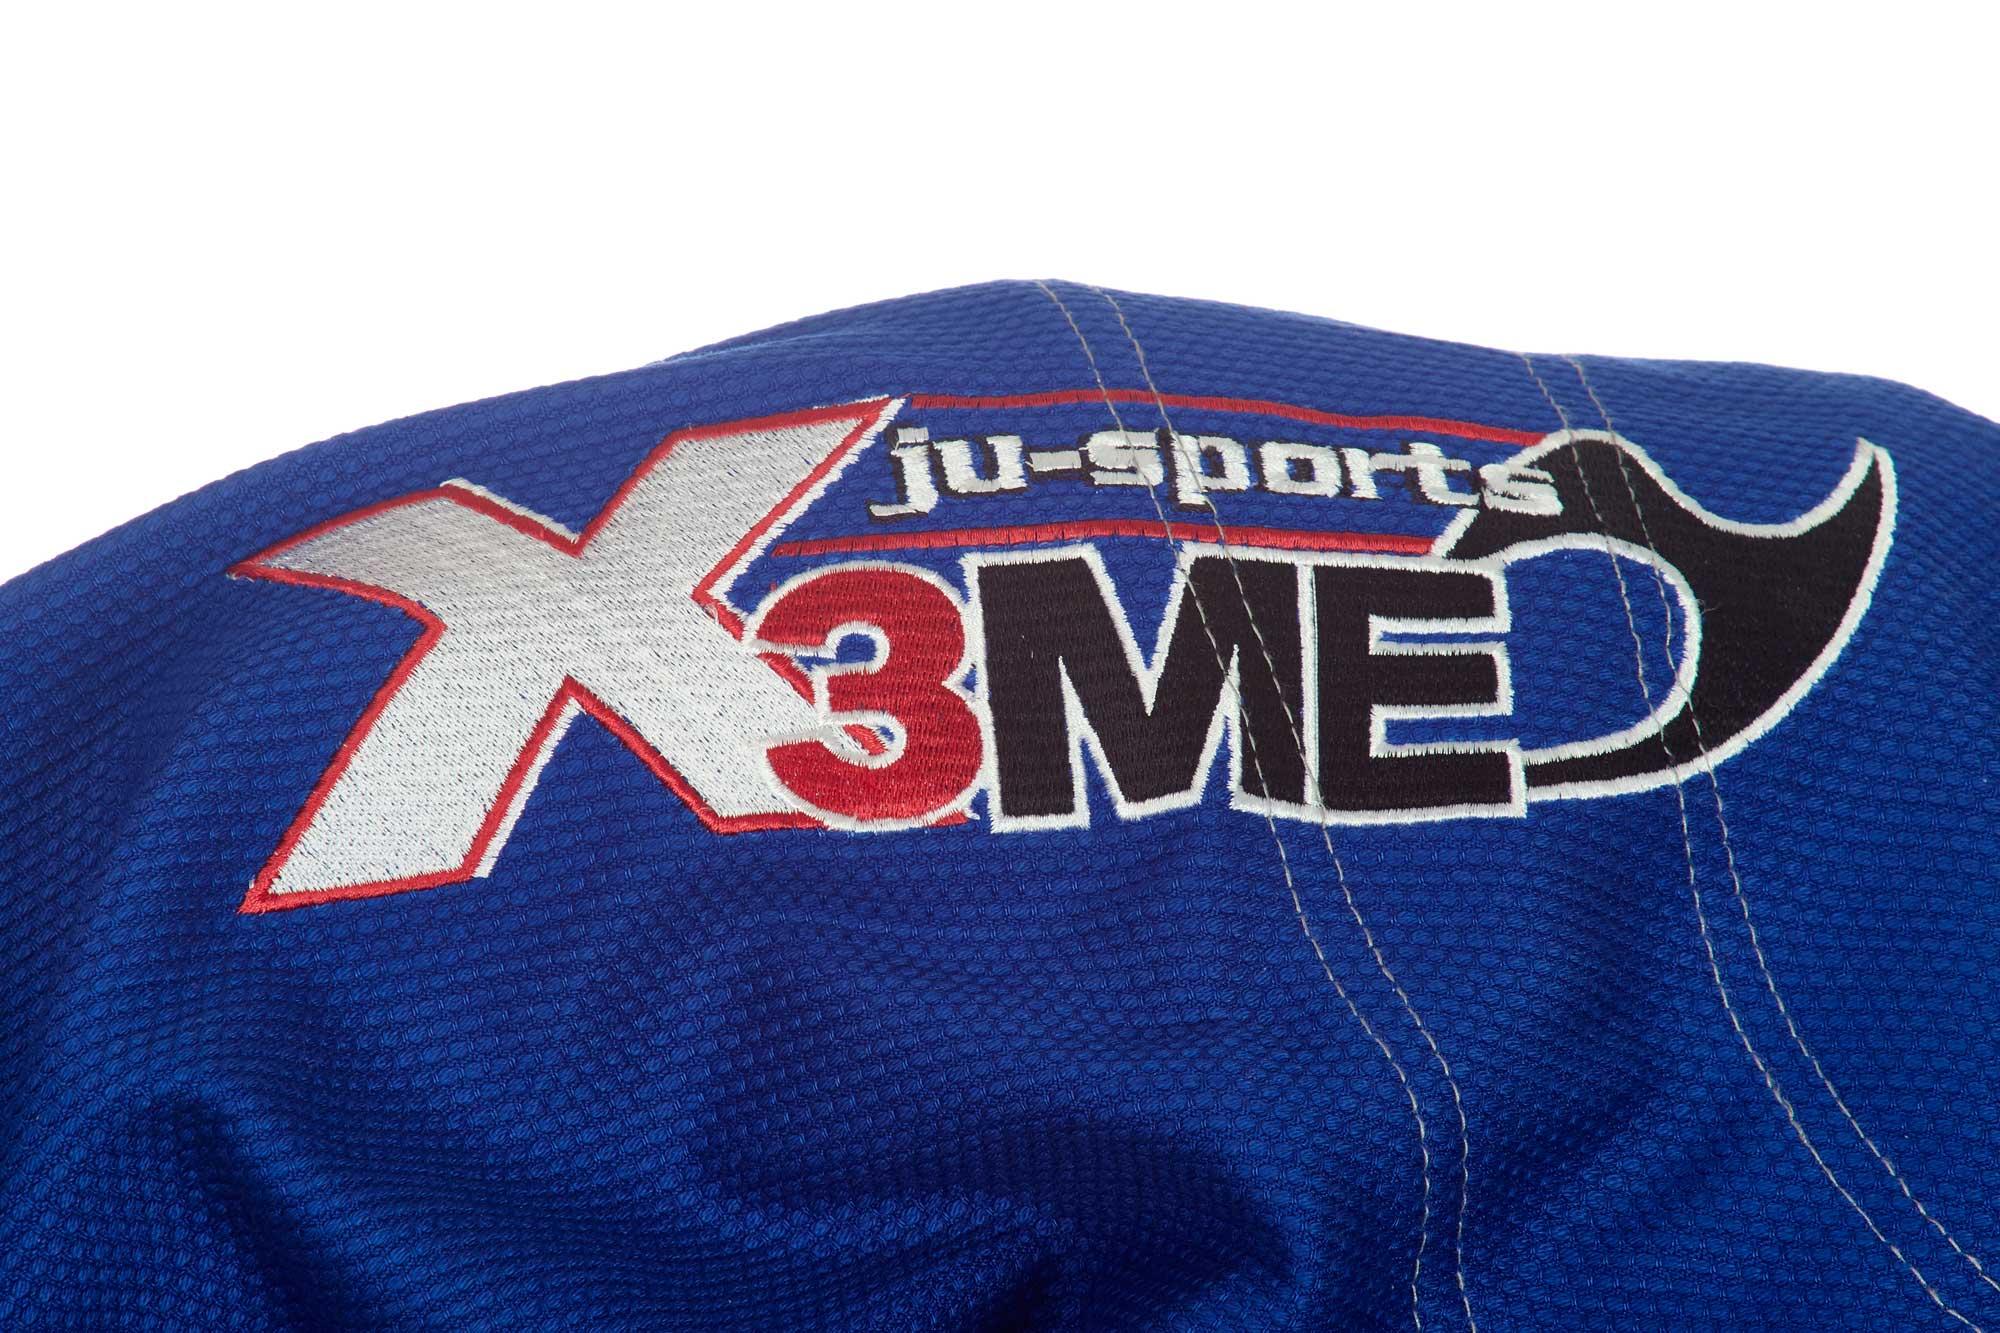 X-treme_Blue_d_6